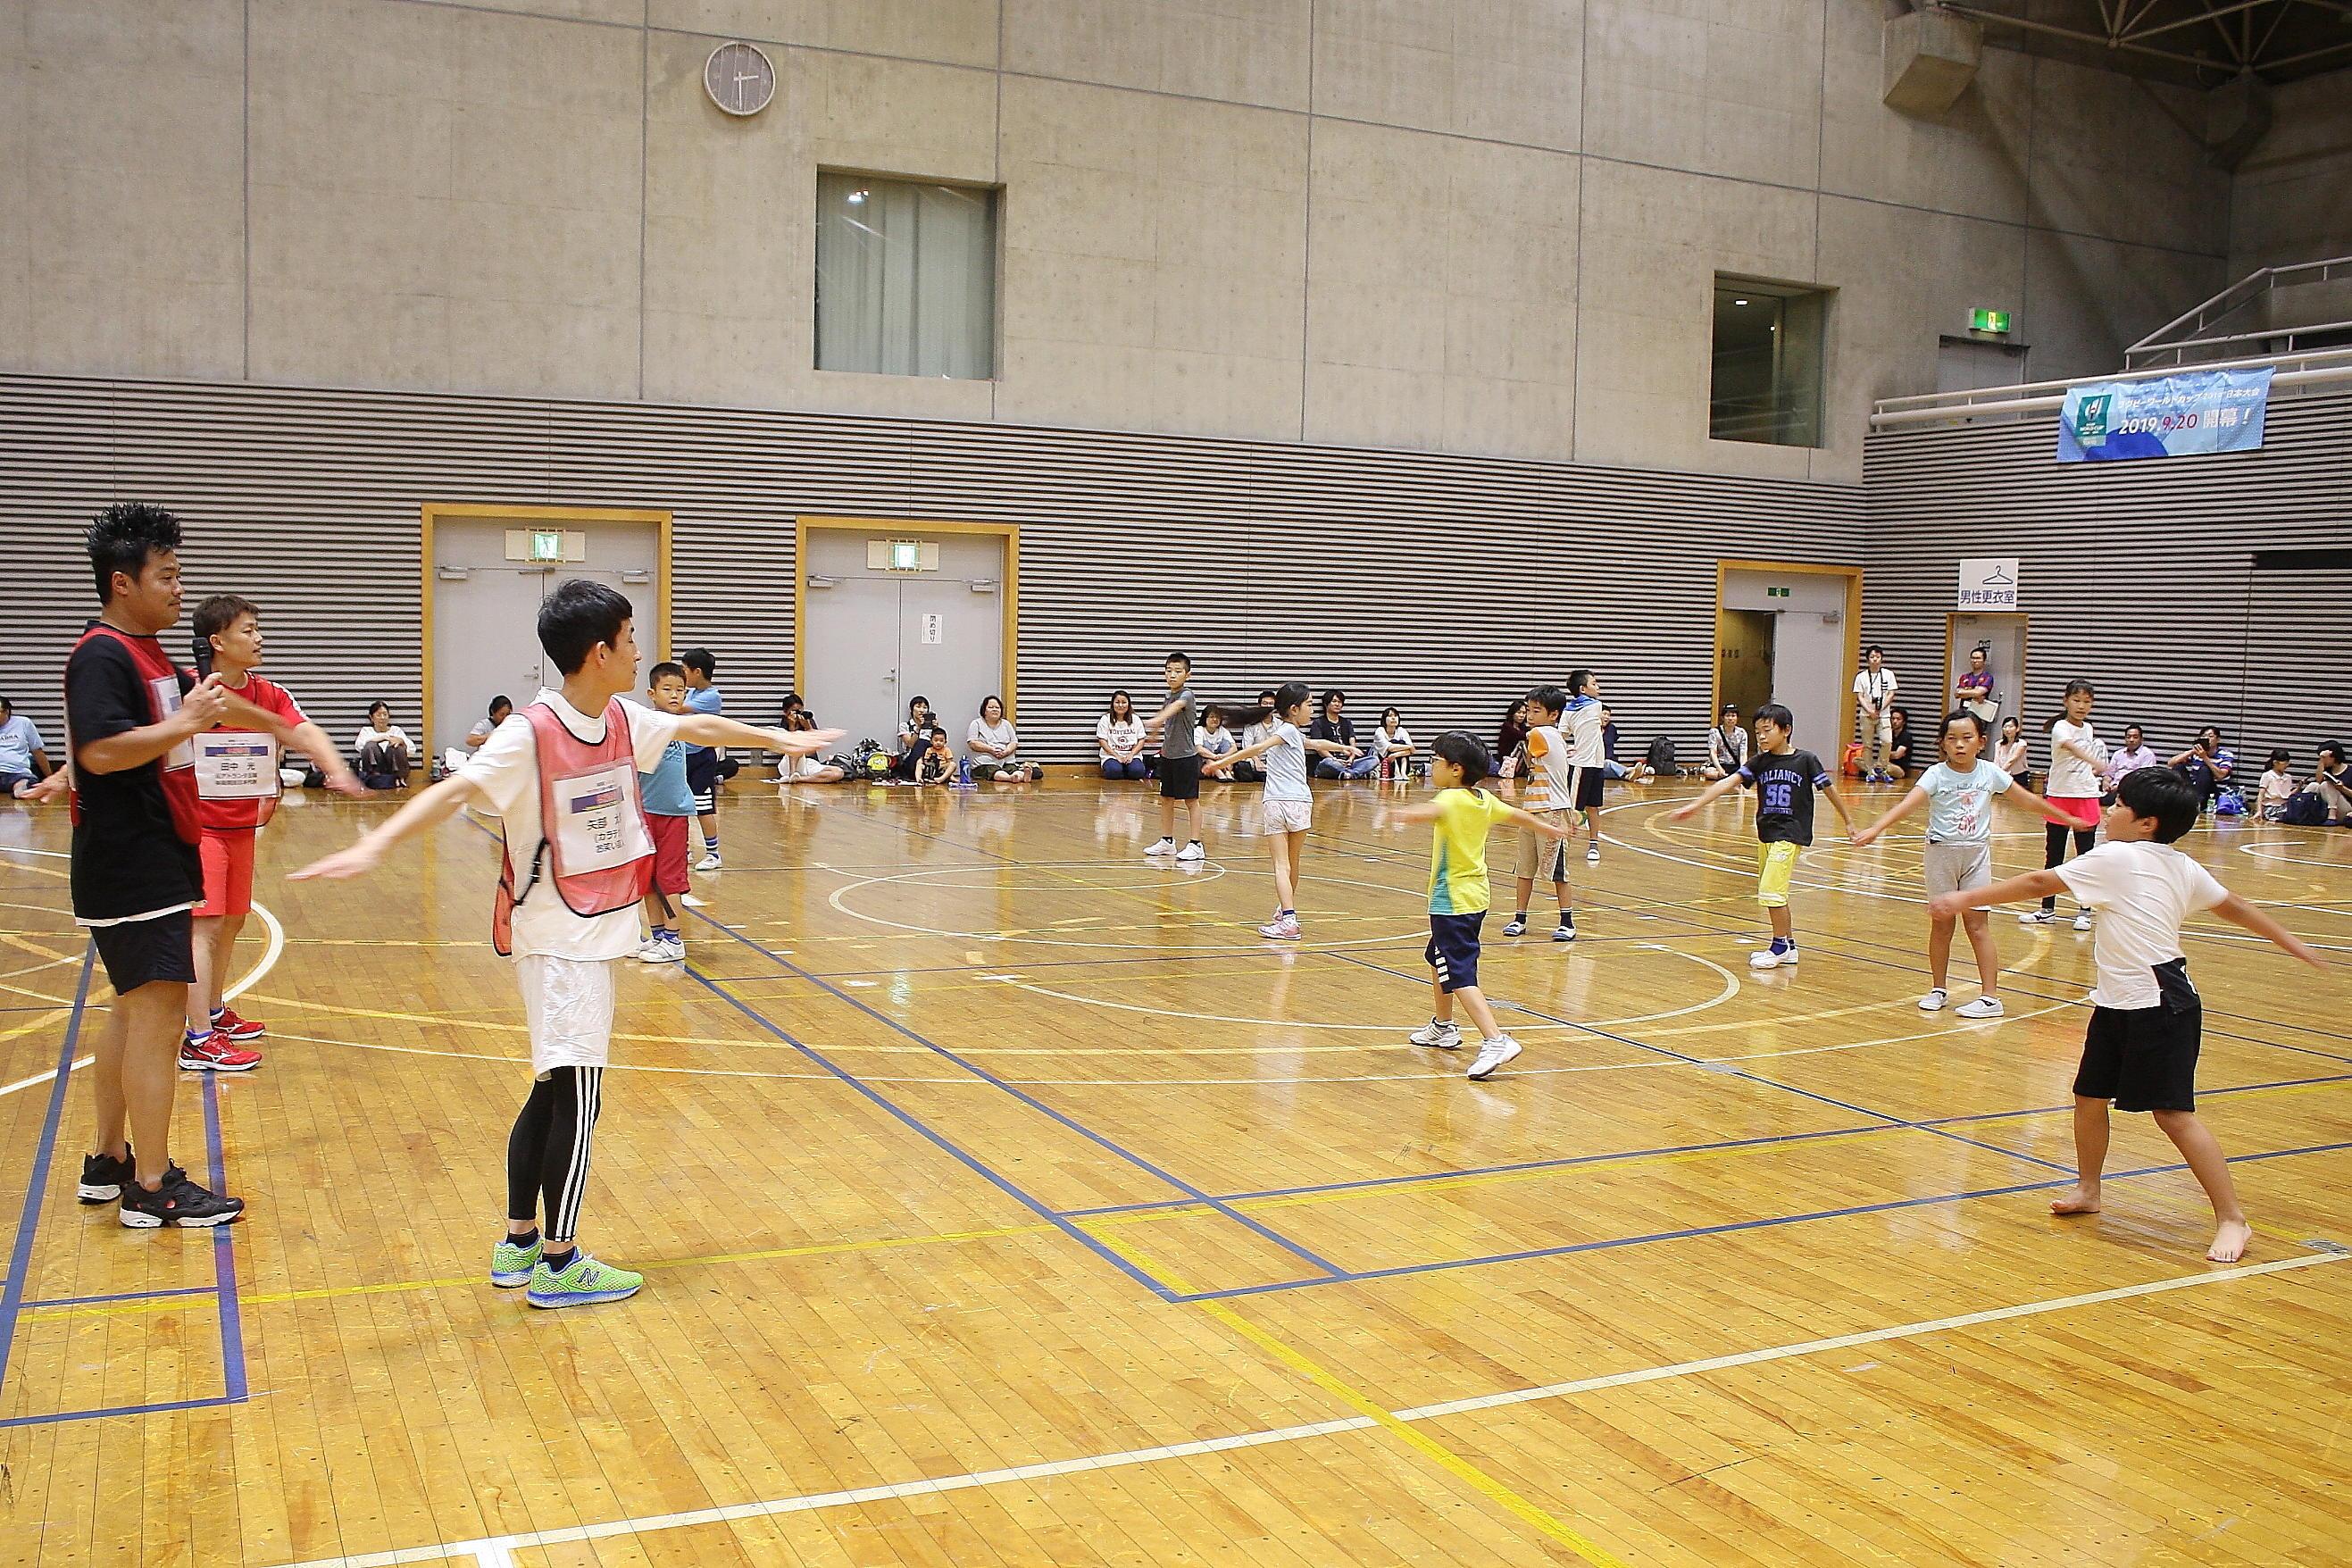 http://news.yoshimoto.co.jp/20180731120125-a85d81c6efbf279efe2eca509a18ff8b96785fdc.jpg